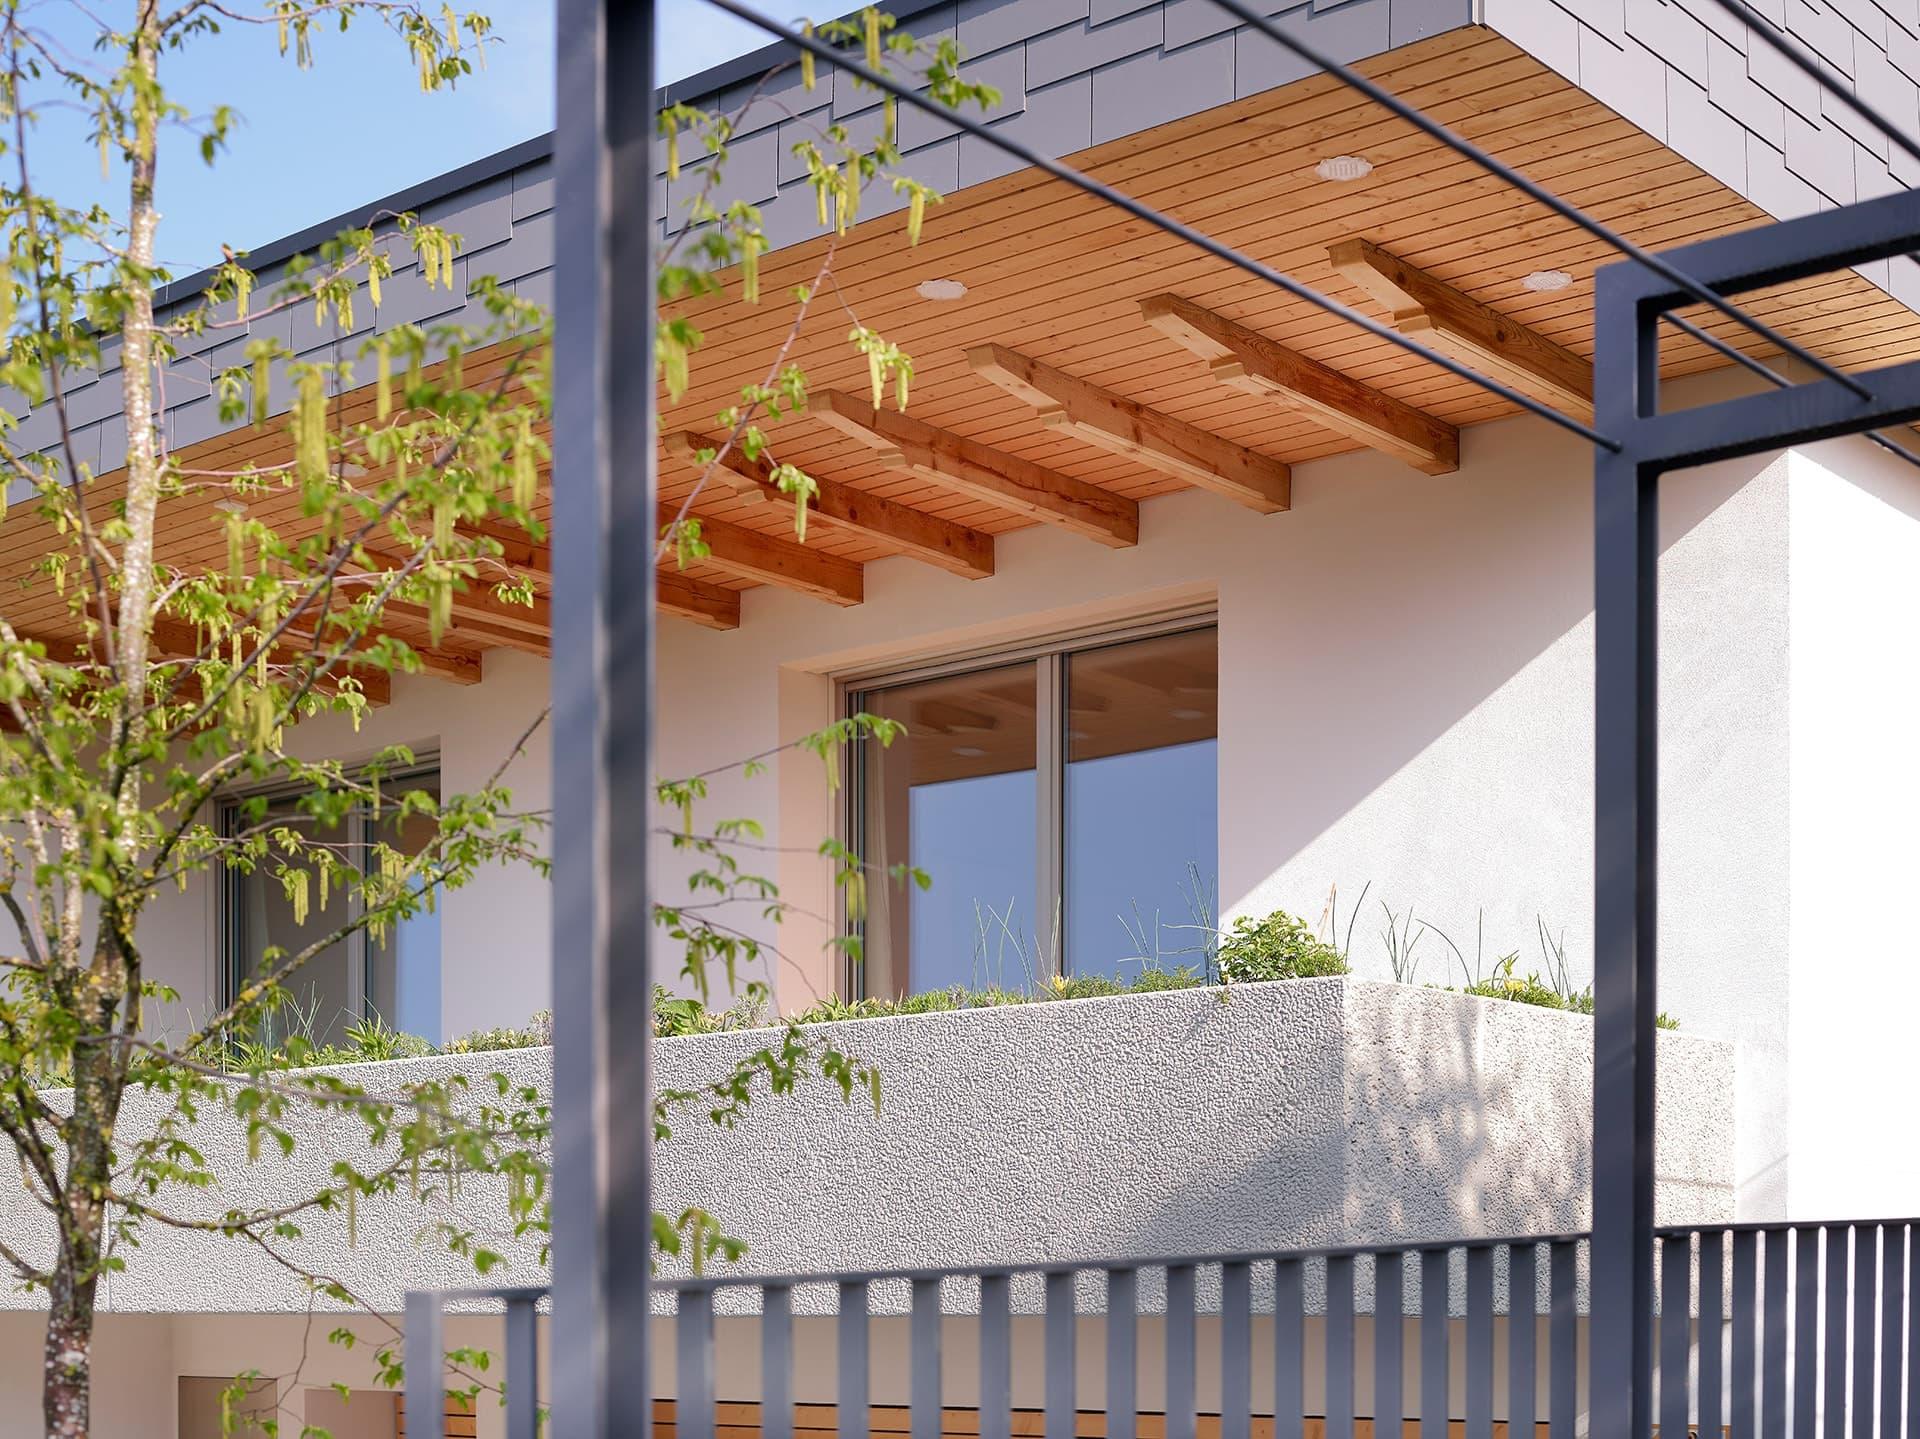 venuti-architects_CF011666-1